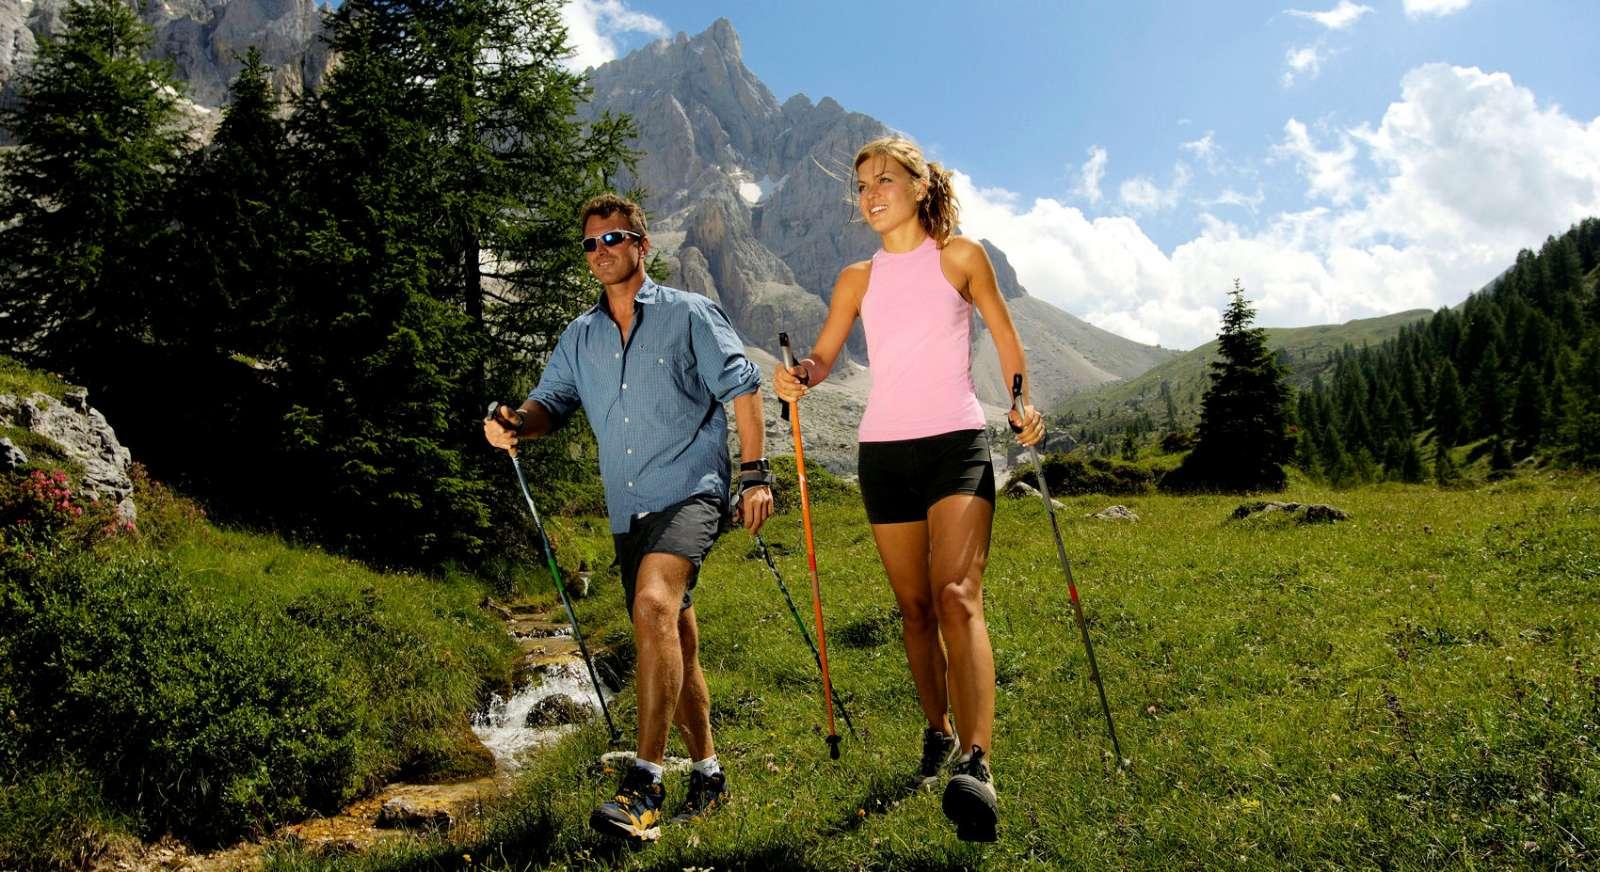 Infinies possibilités de randonnée en Trentin-Haut-Adige